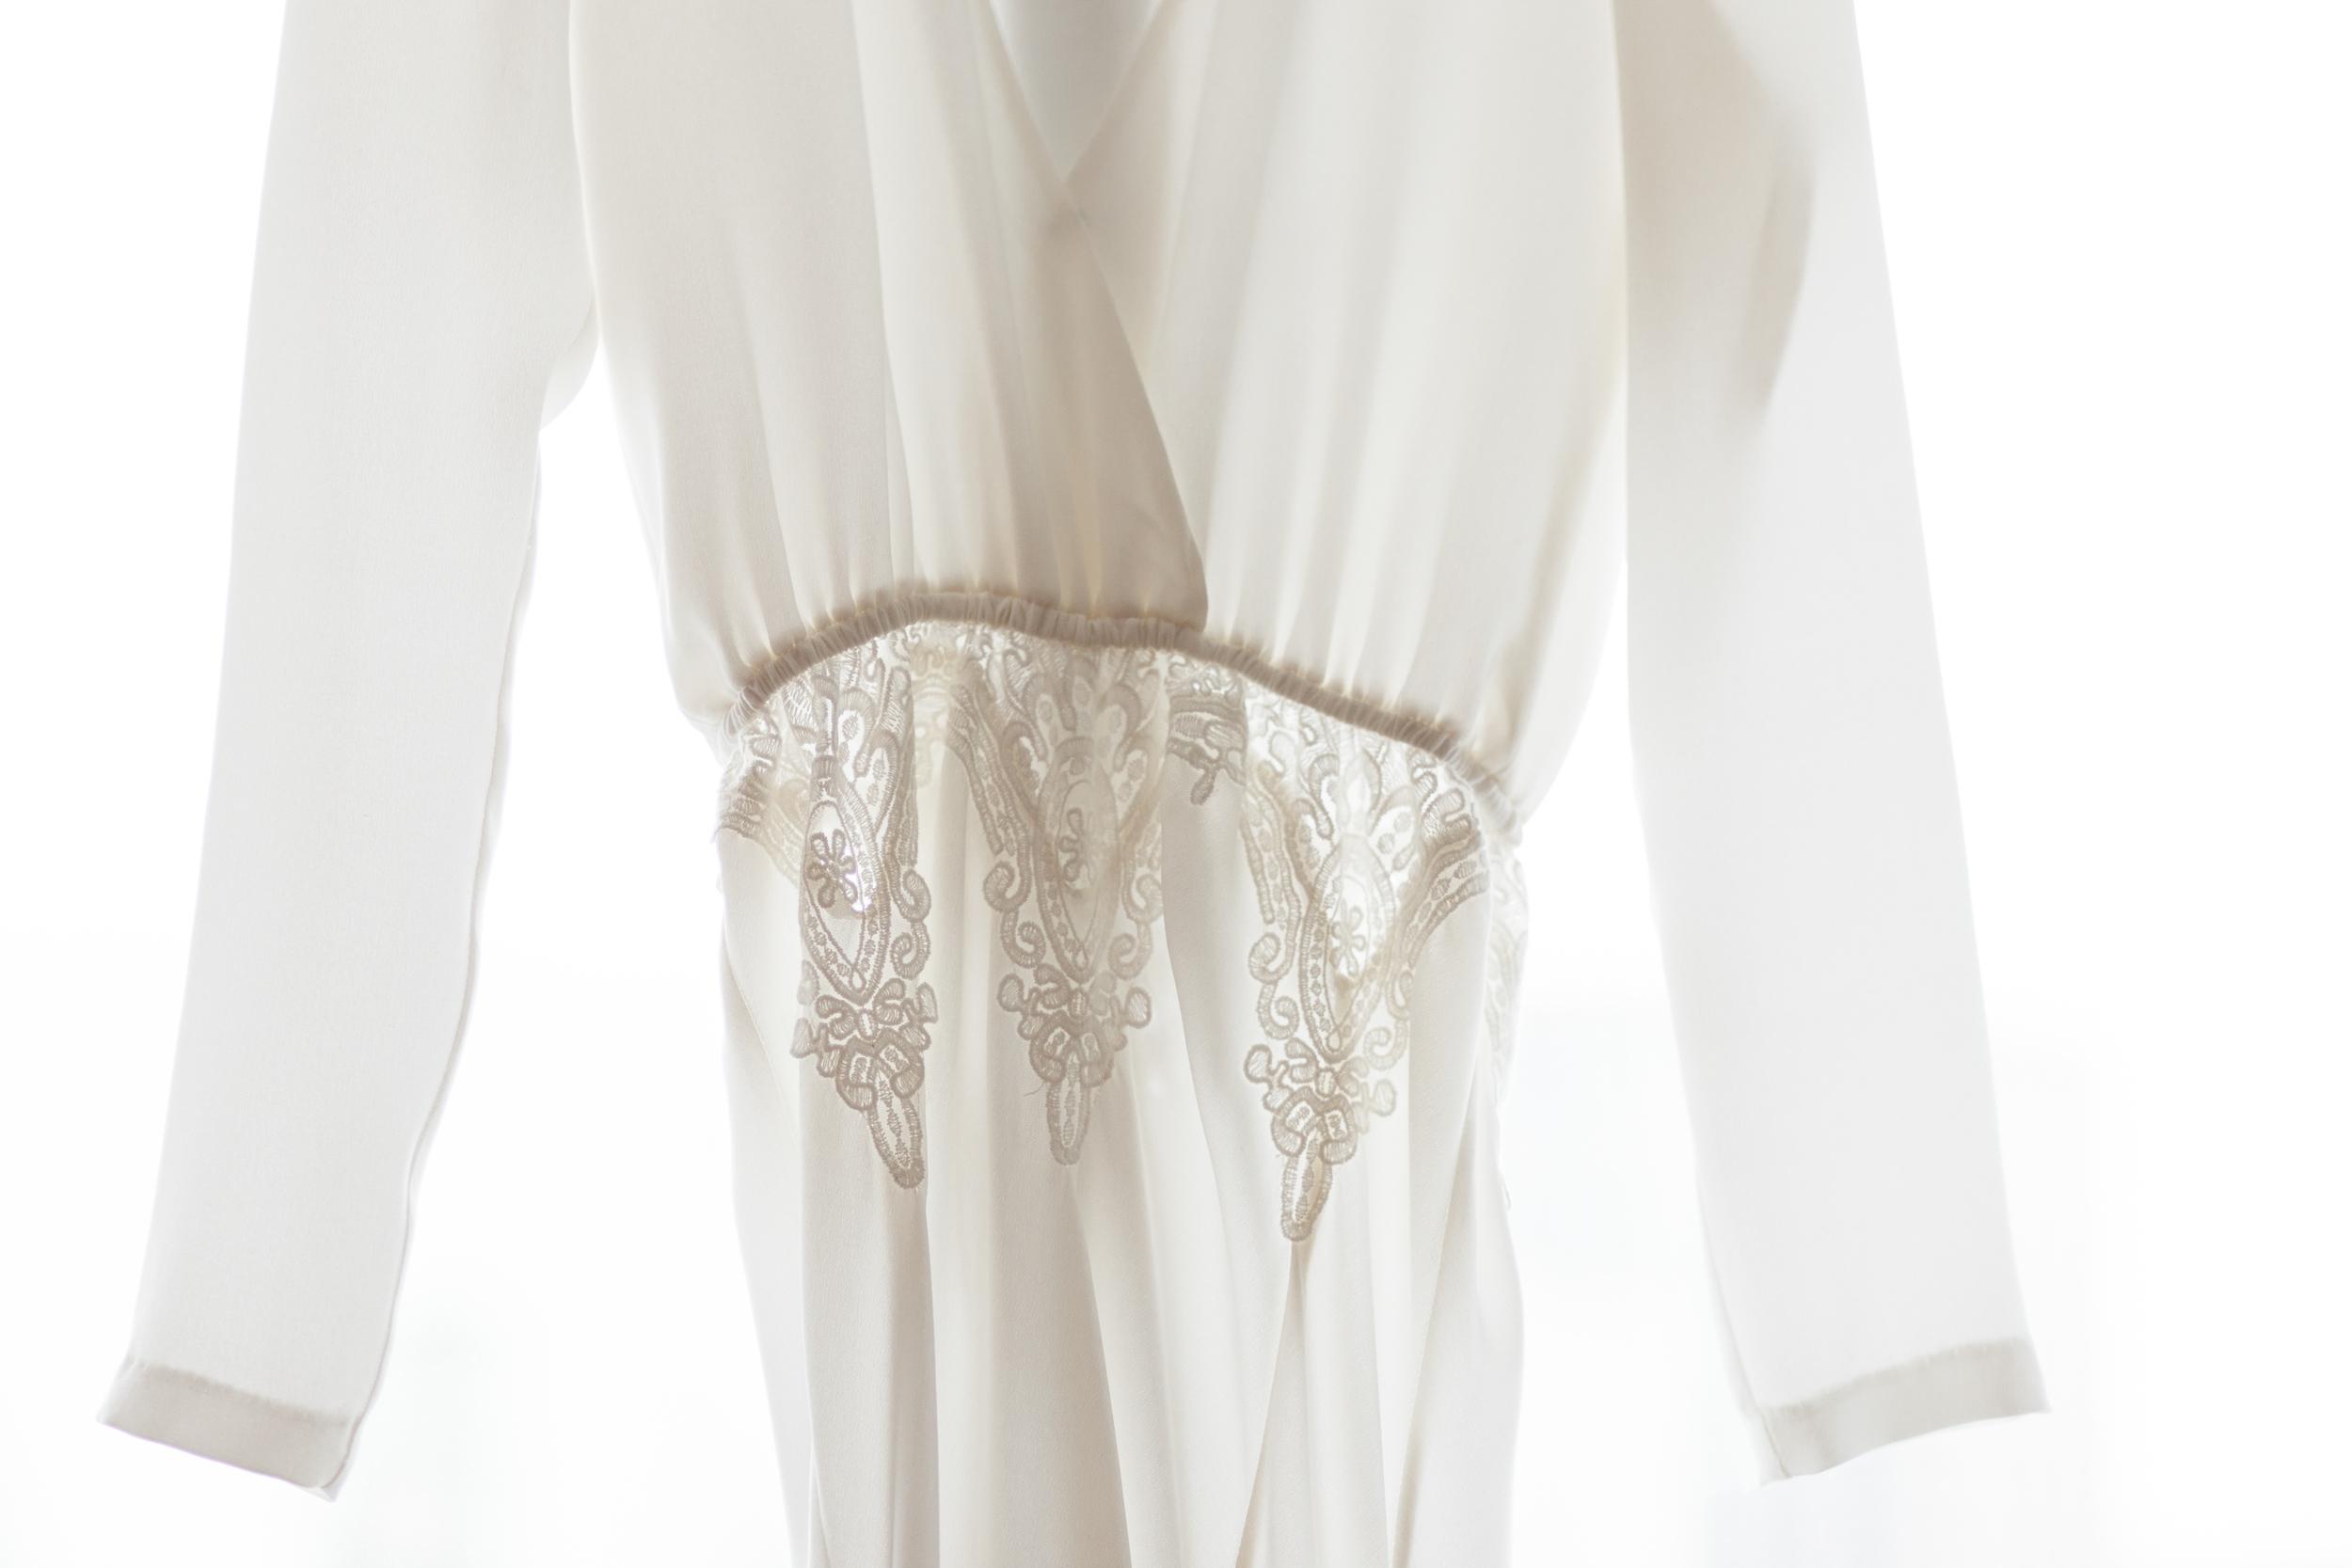 01-wedding-dress-in-window.jpg